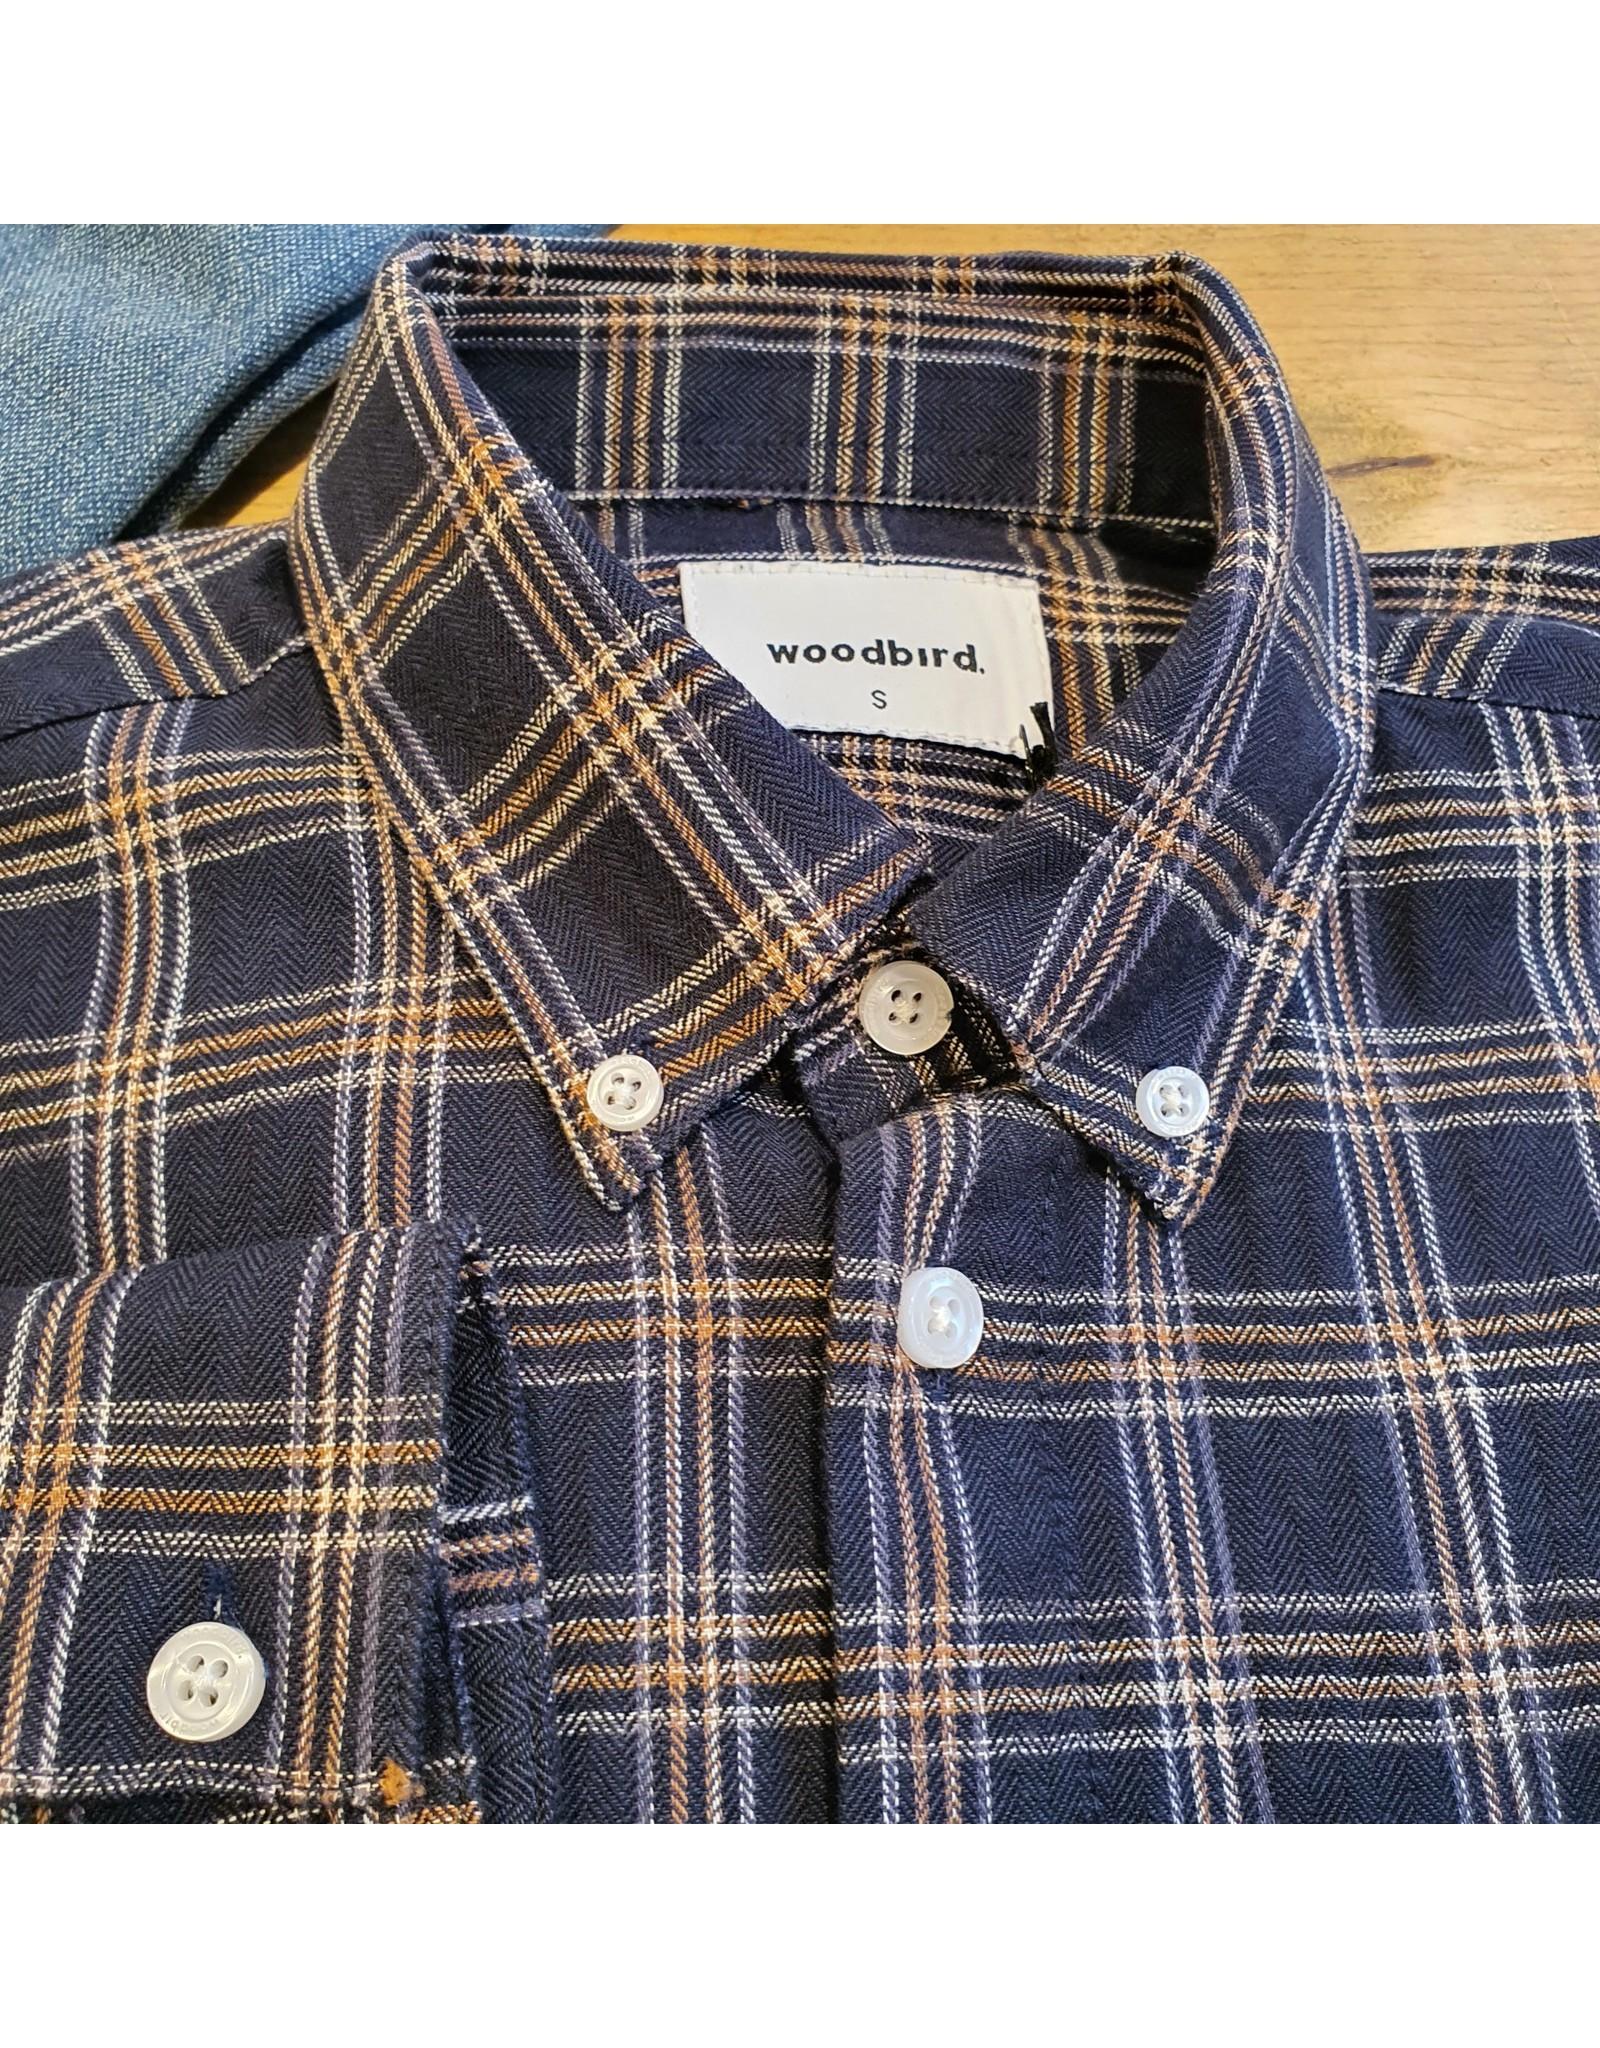 Woodbird Klarxo Check Shirt